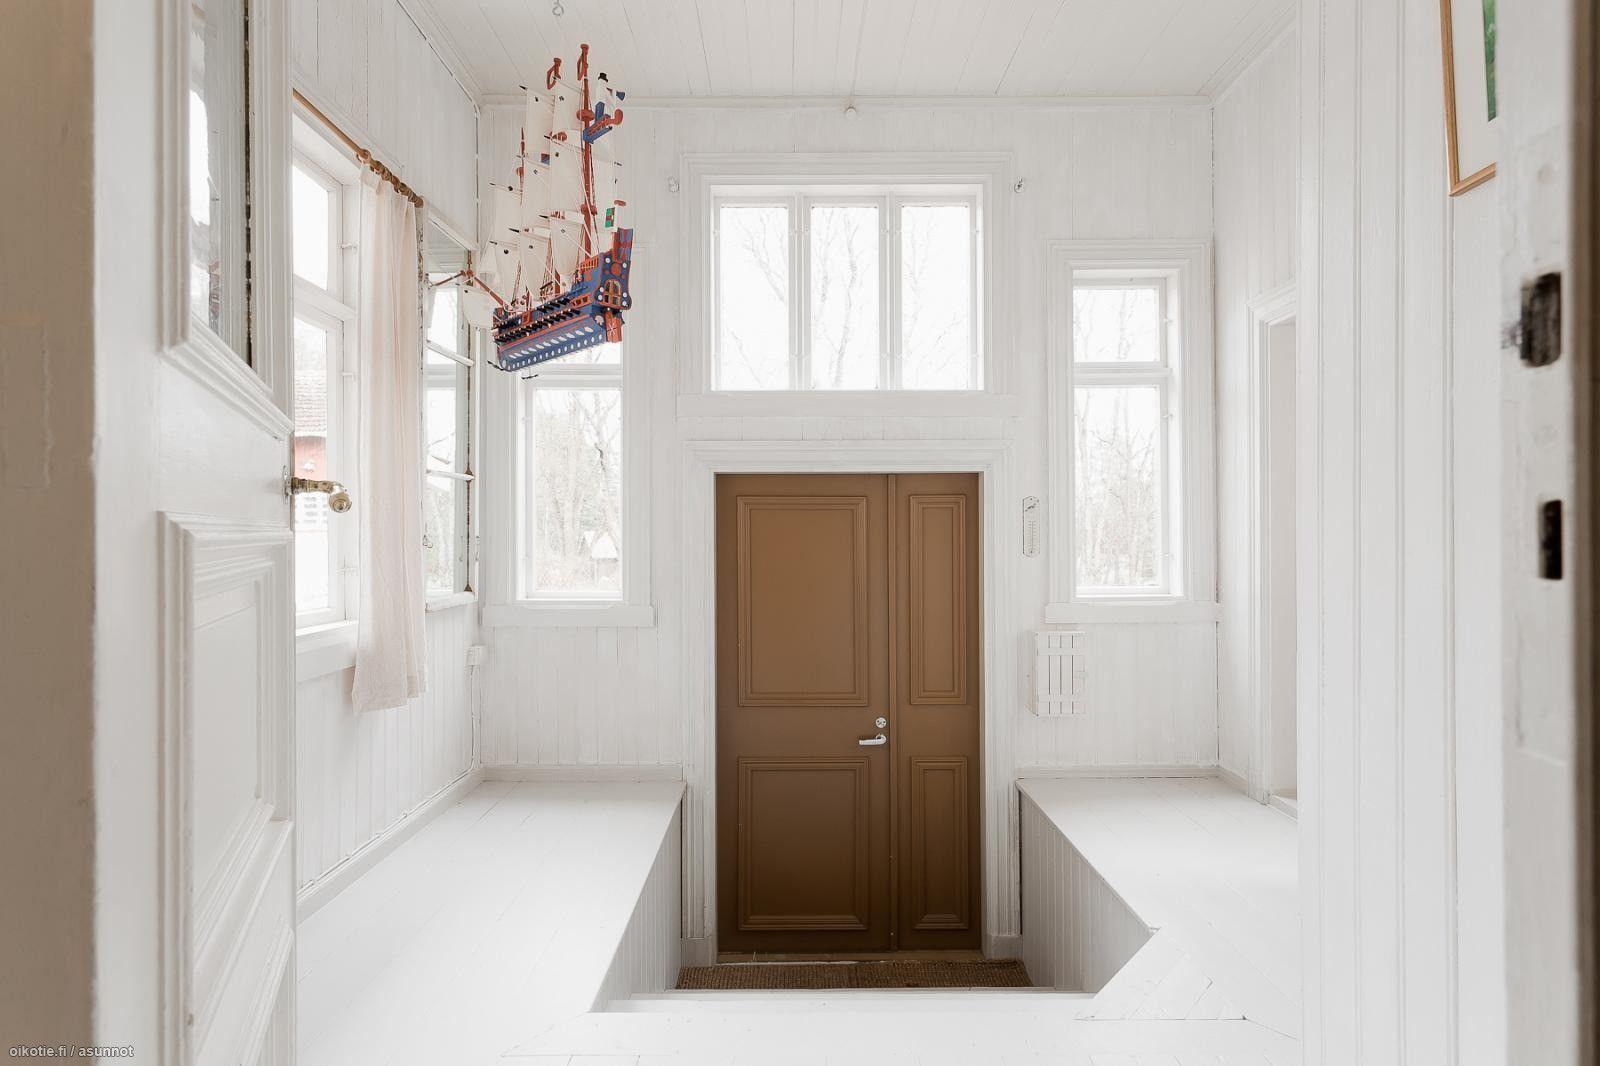 200m² Pappilanpolku 1, 21310 Rusko Omakotitalo 6h myynnissä | Oikotie 9242985